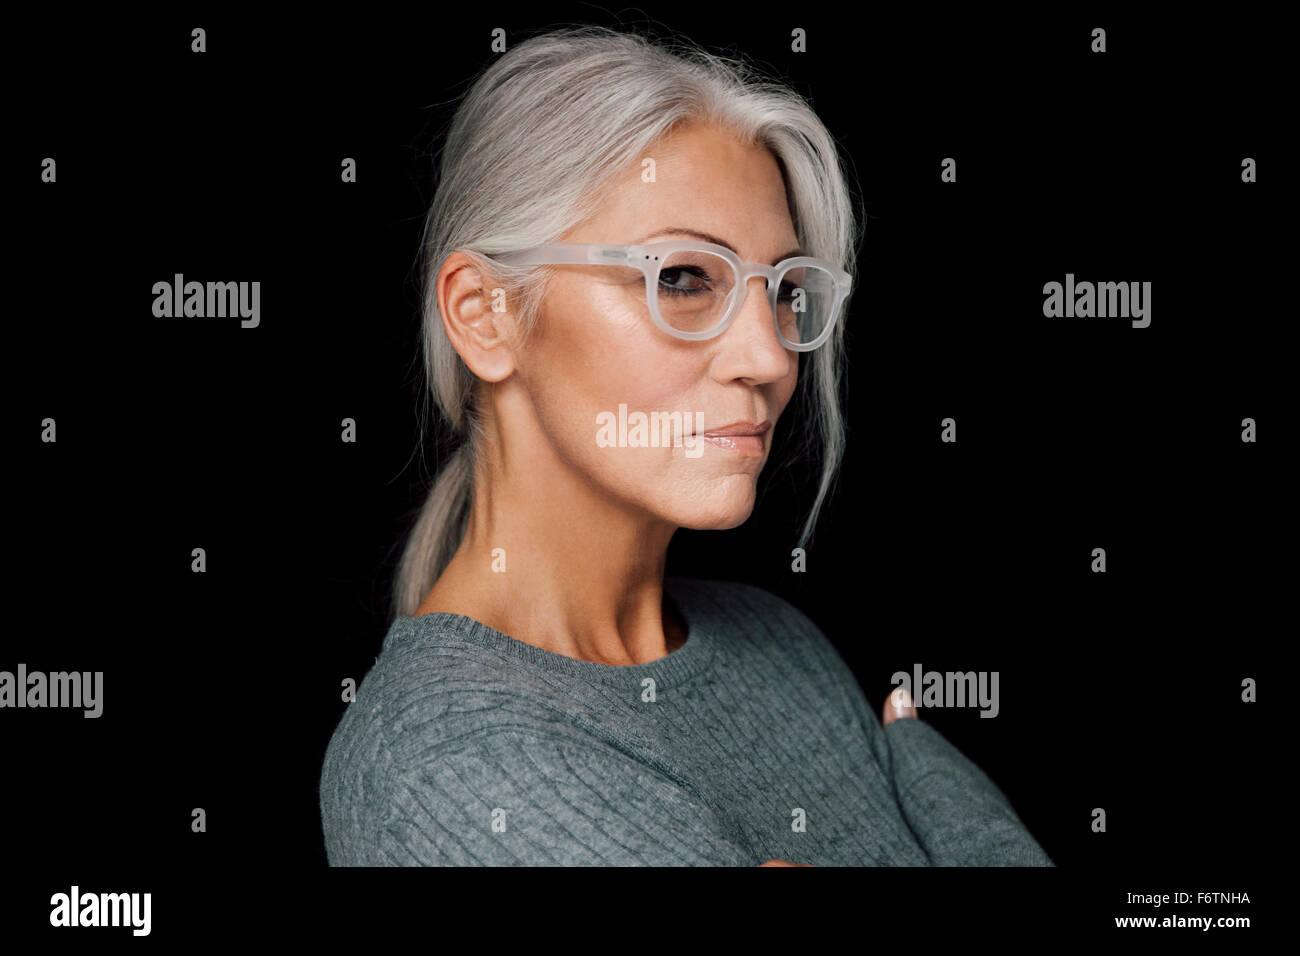 Porträt Frau Mit Grauen Haaren Die Das Tragen Einer Brille Vor